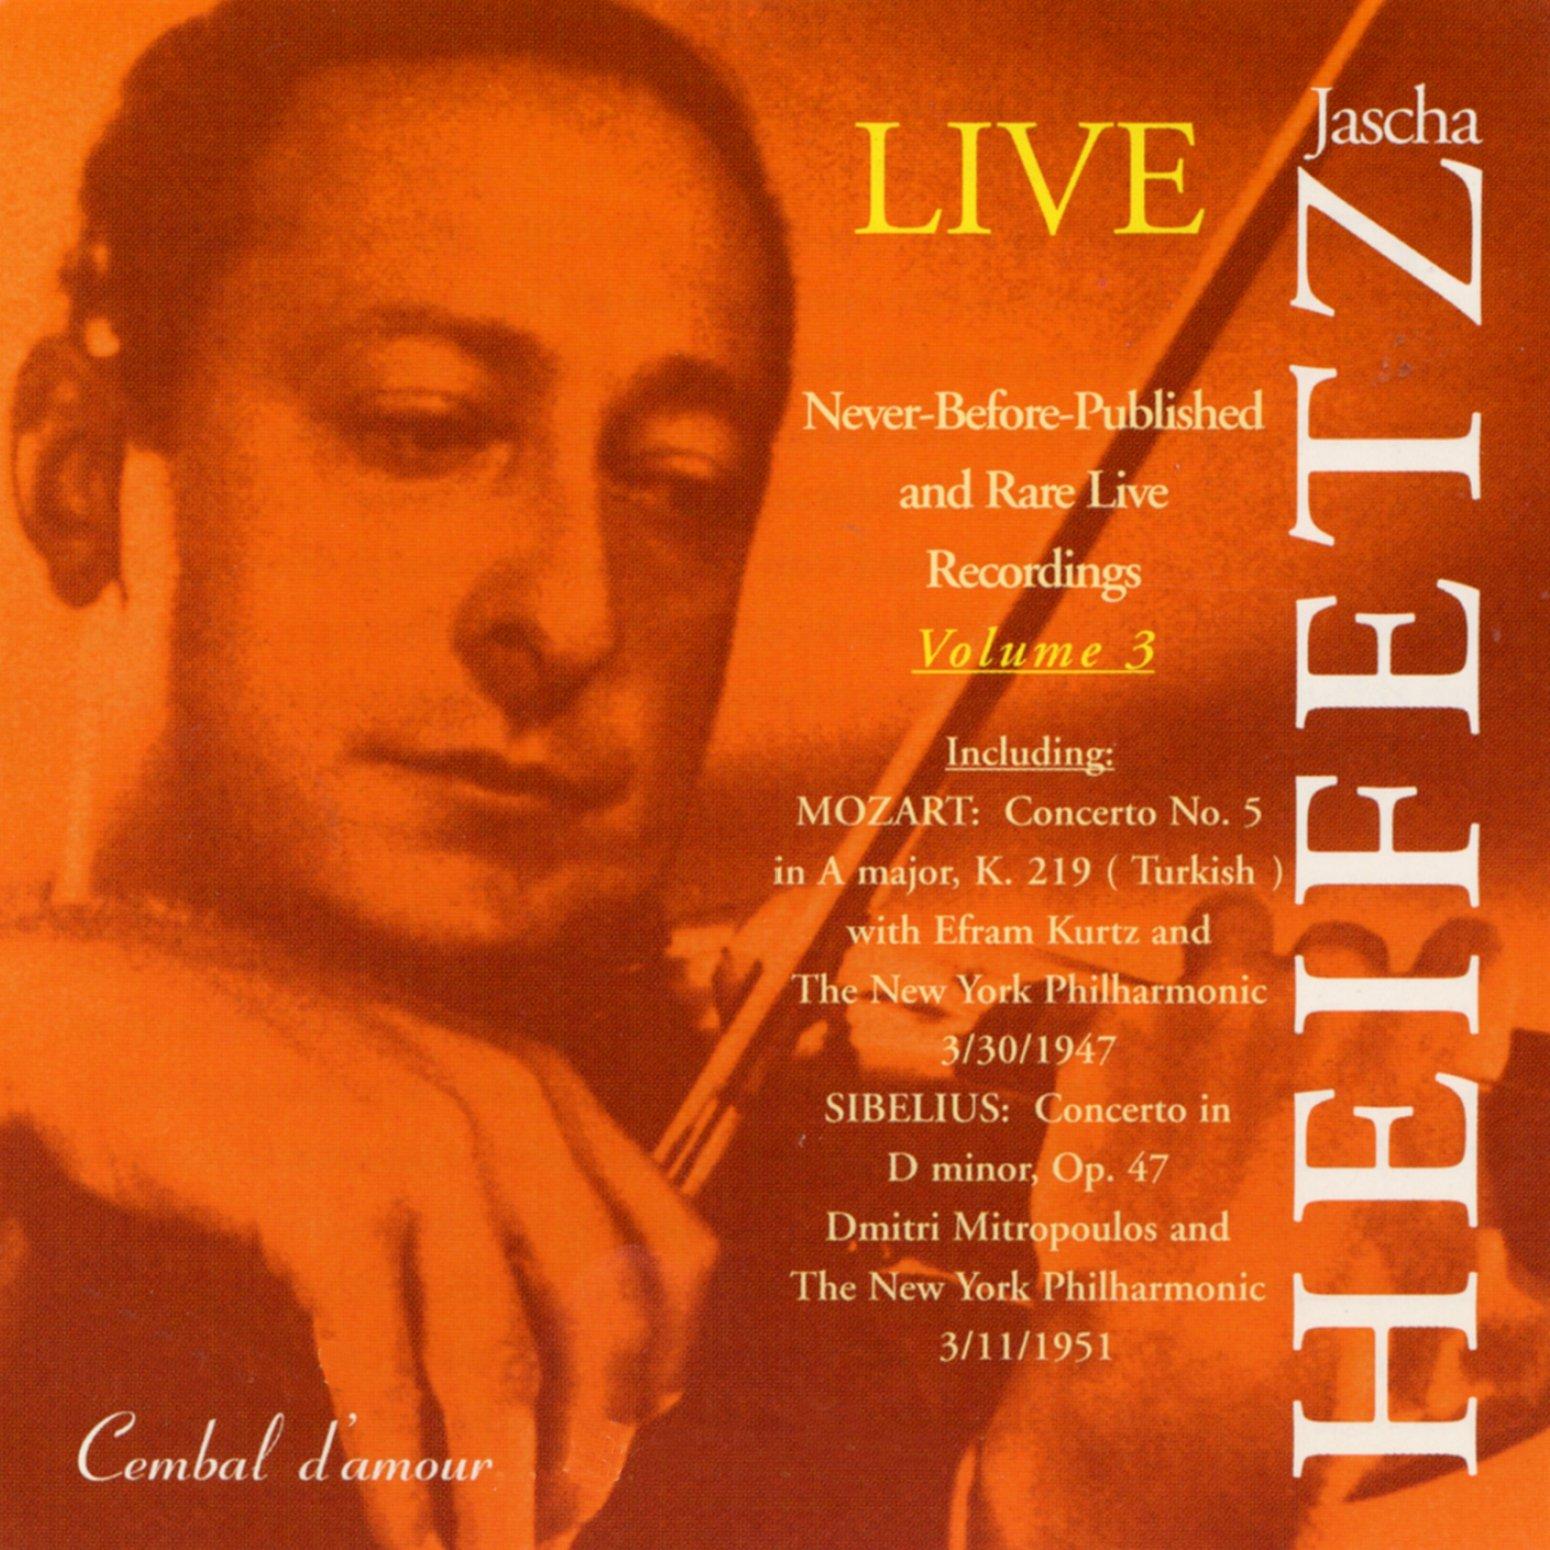 Jascha Heifetz Live, Vol. 3